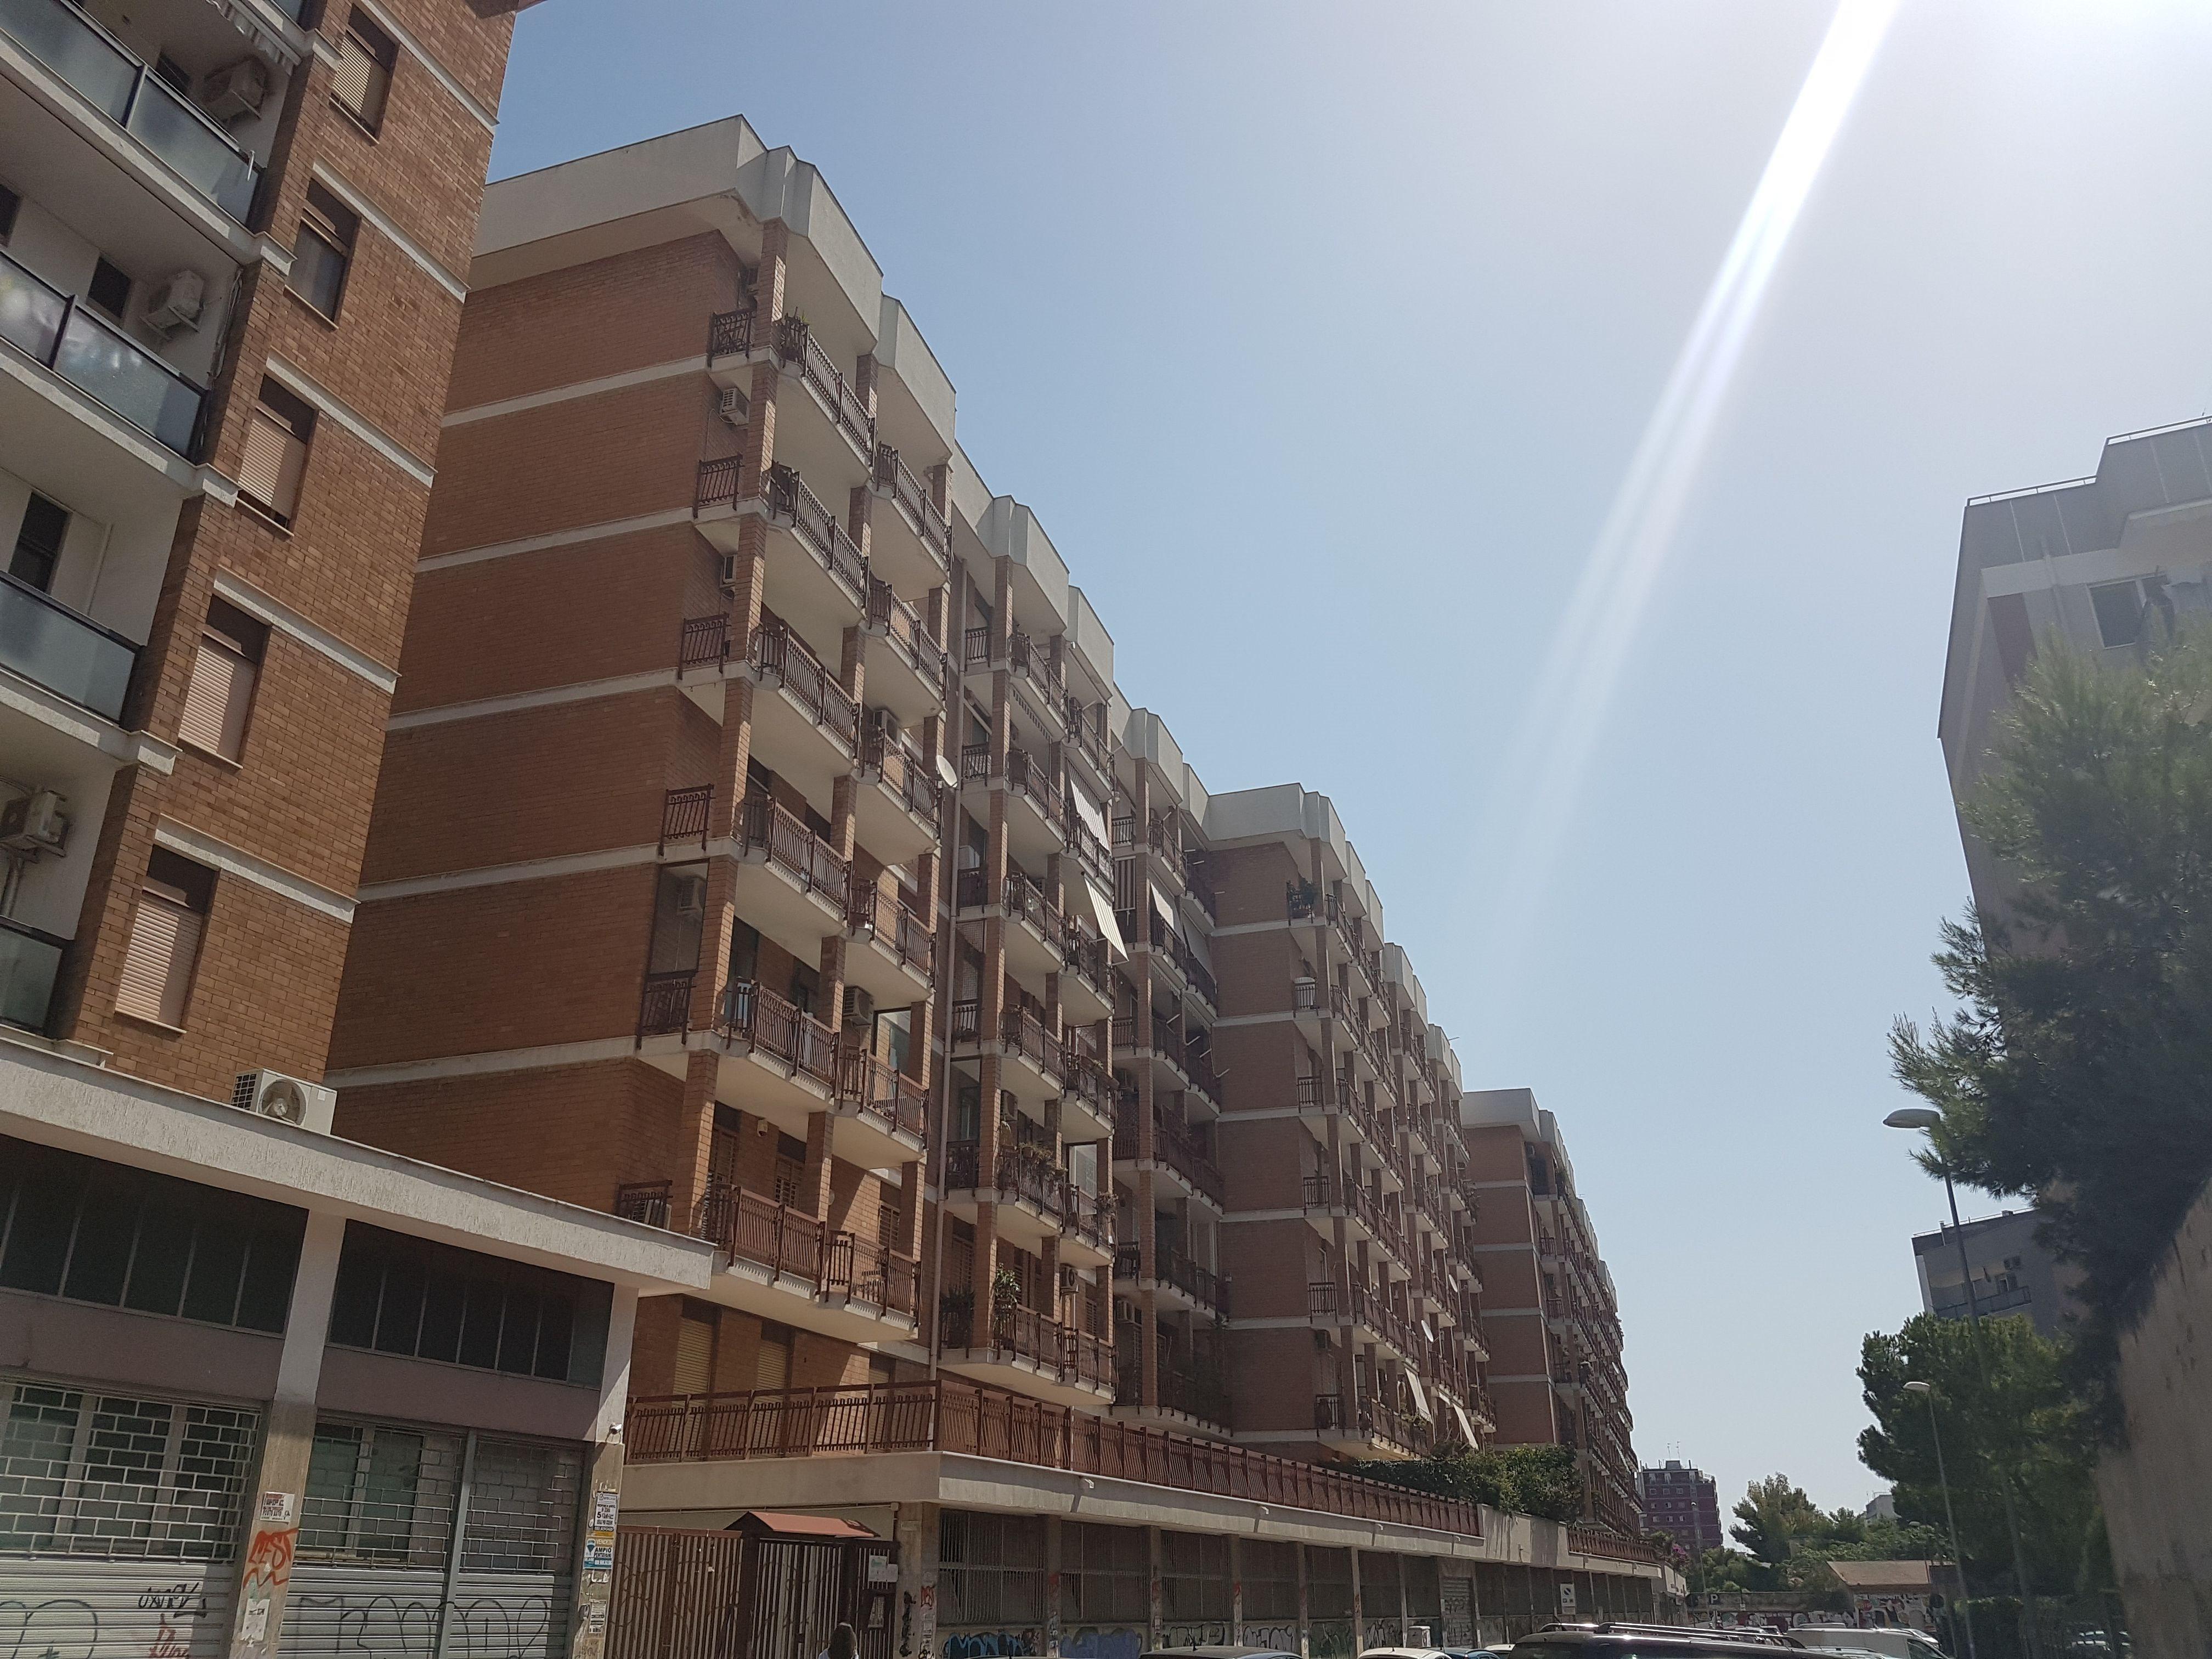 Ufficio uso ufficio affitto a Bari